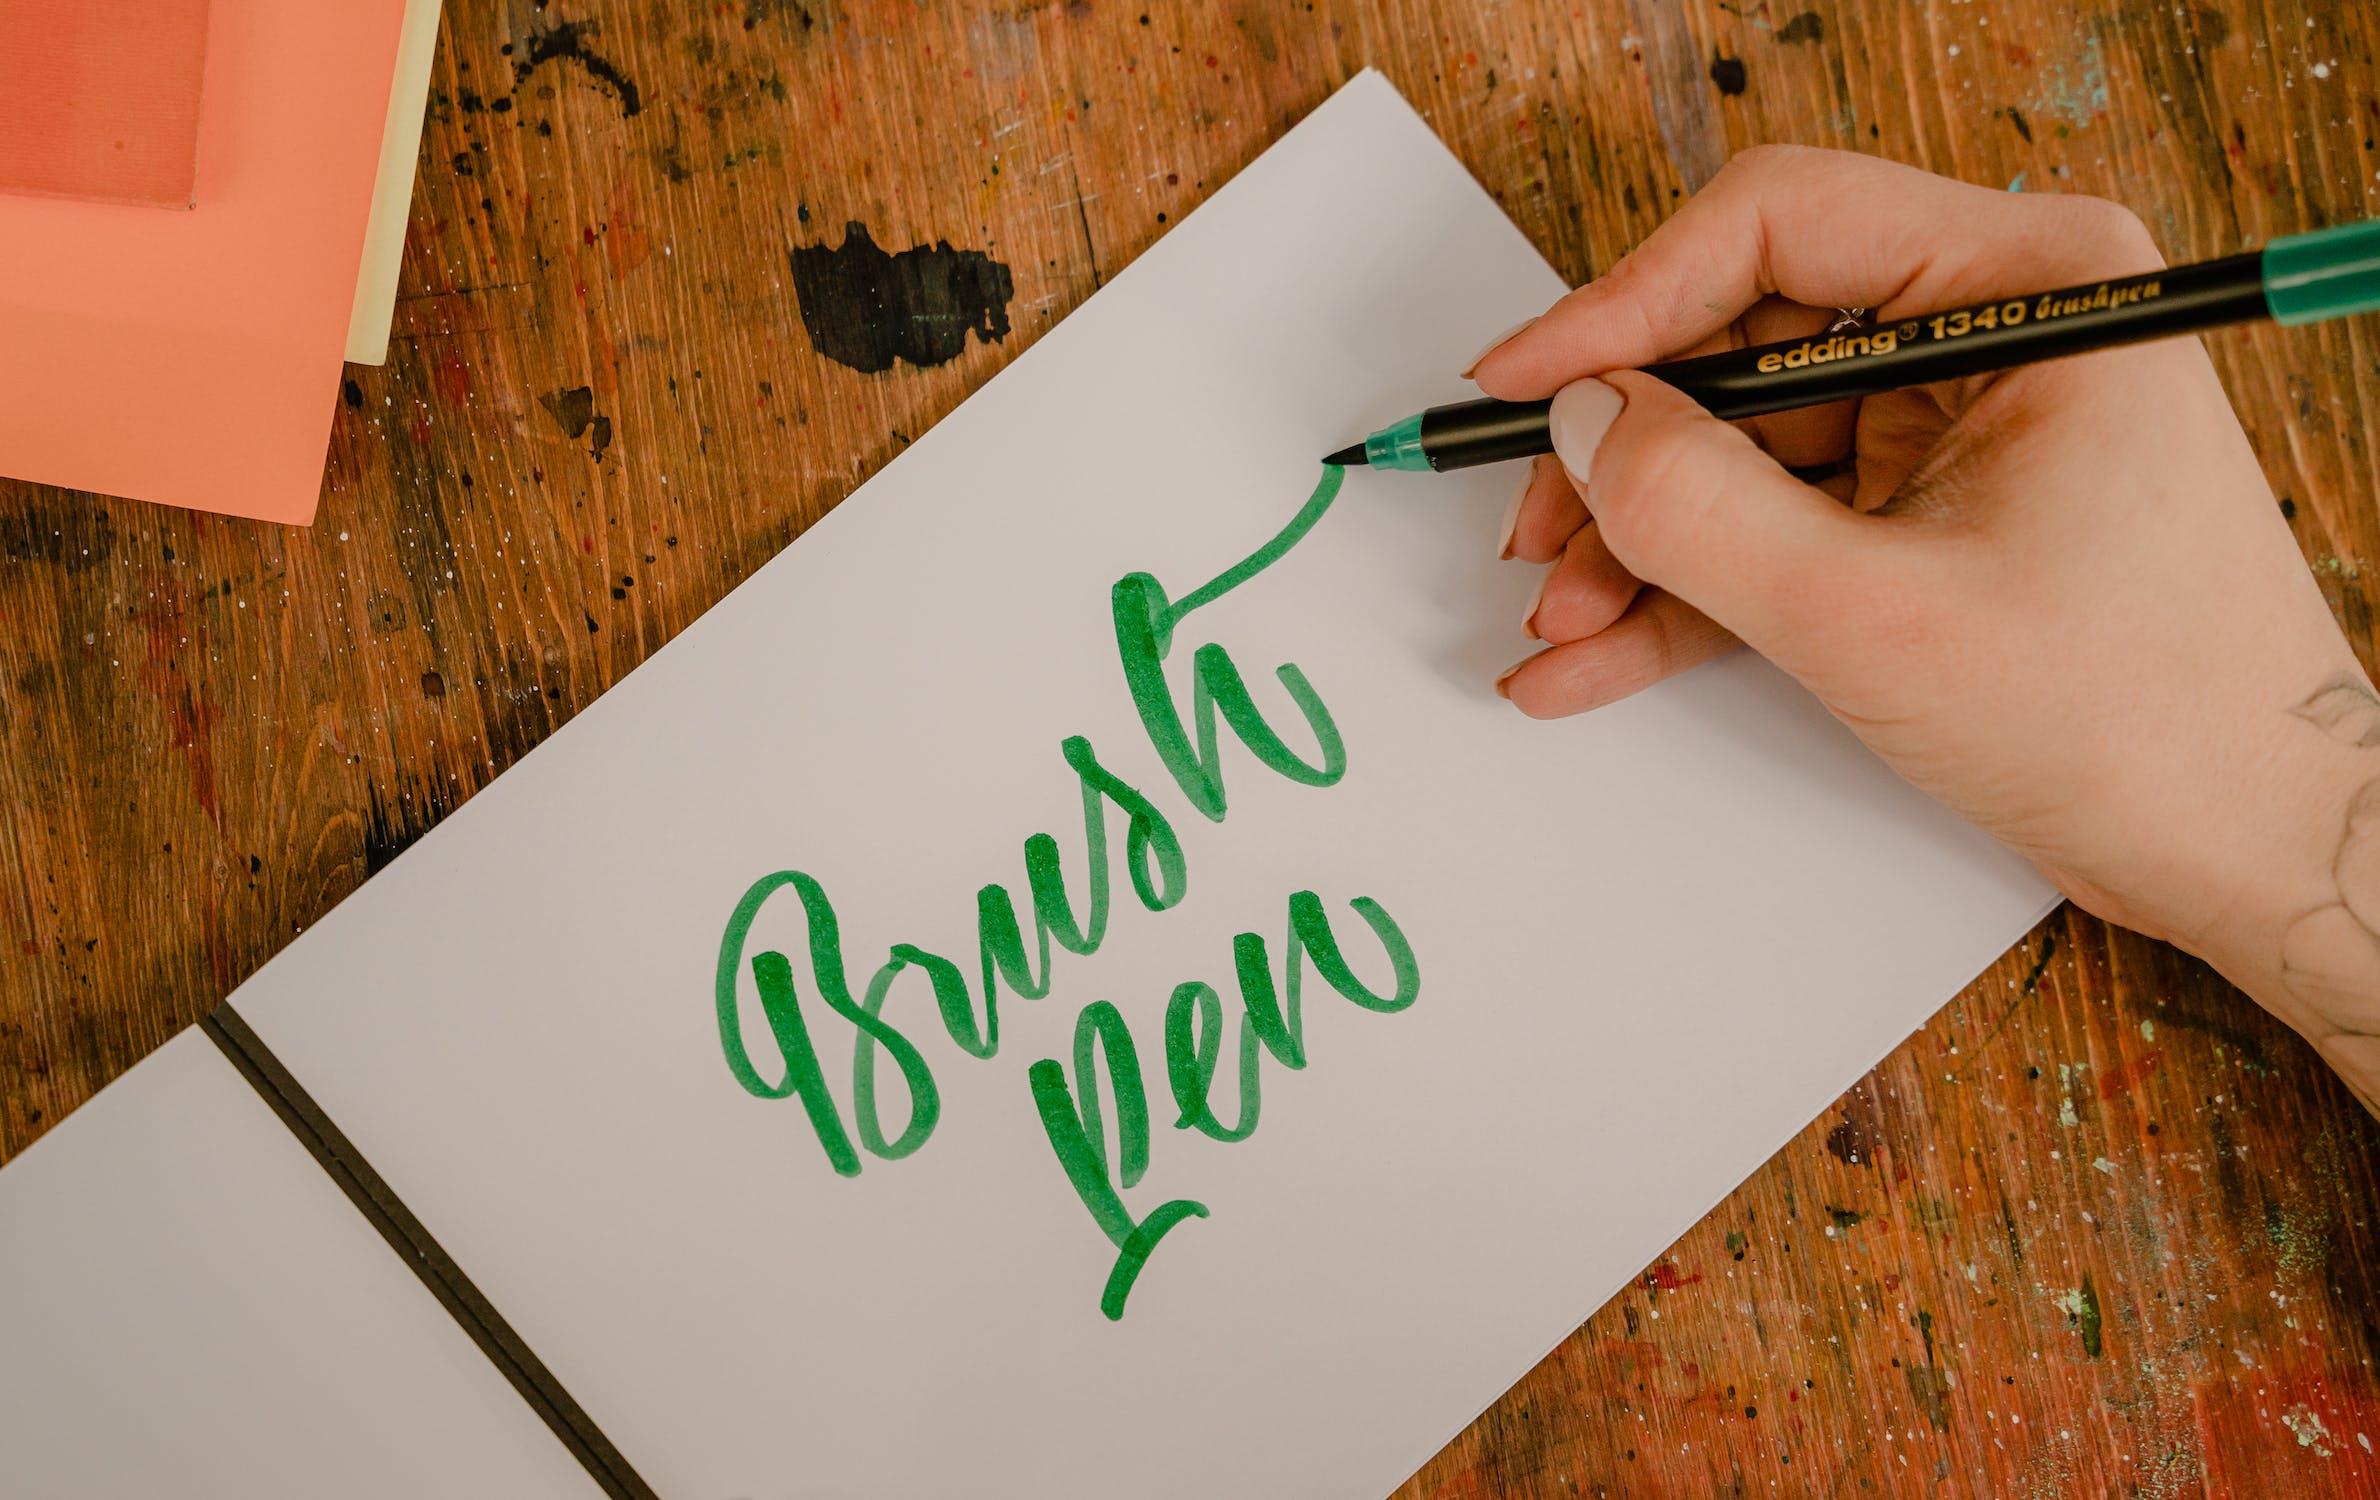 hand signature legibility